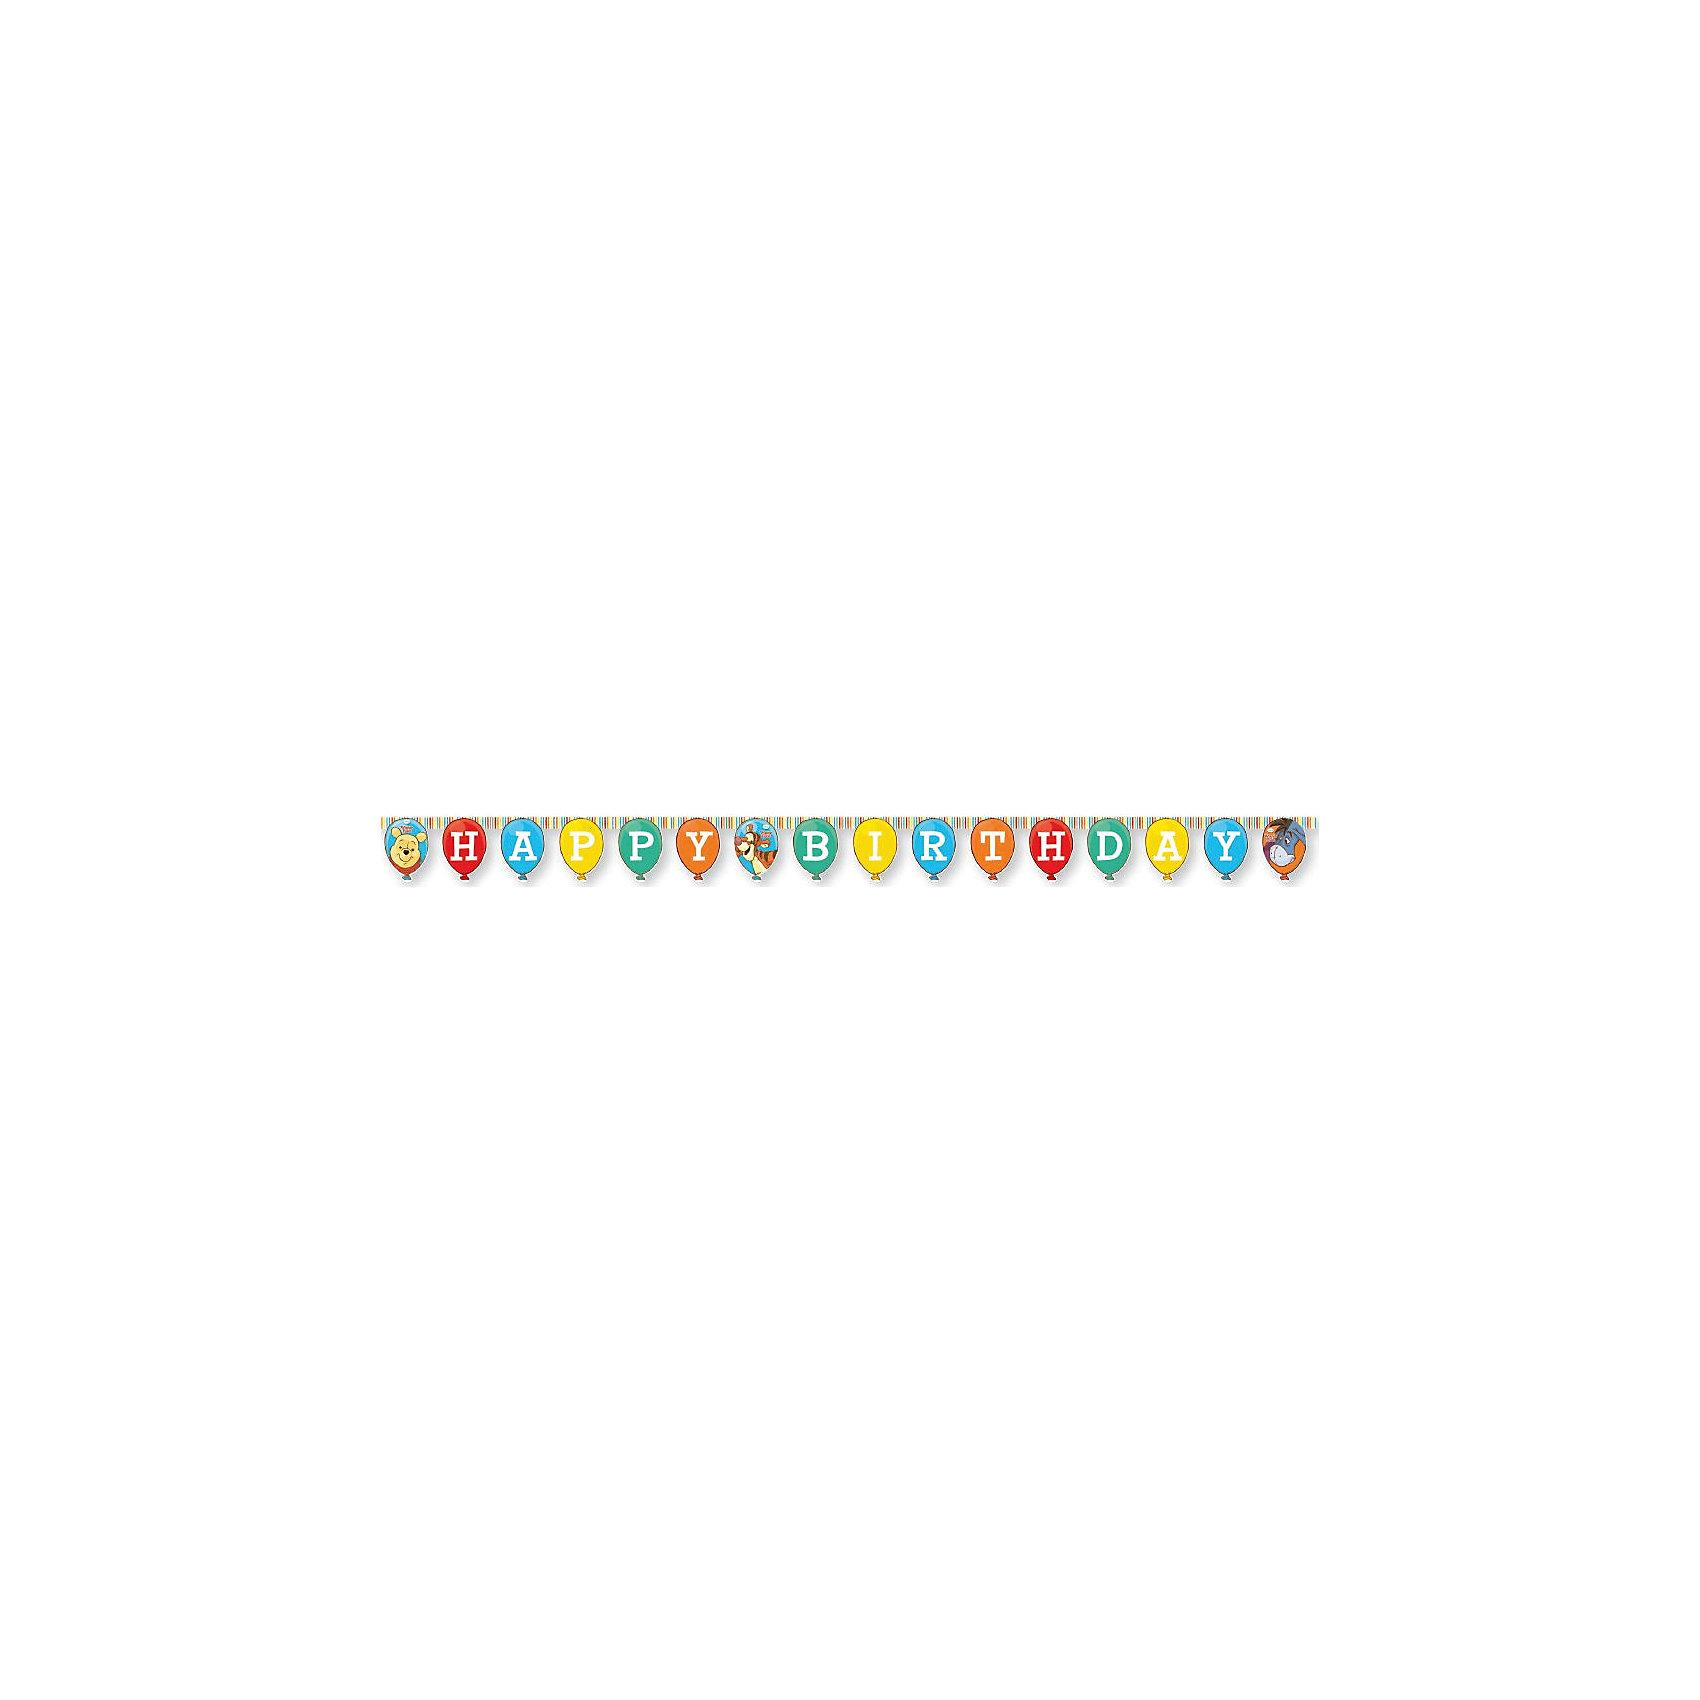 Гирлянда Happy BirthdayВсё для праздника<br>Характеристики товара:<br><br>• возраст: от 3 лет;<br>• упаковка: пакет;<br>• размер упаковки: 26х19х5 см.;<br>• количество в упаковки - 1 шт.;<br>• длина гирлянды - 240 см.;<br>• материал: картон;<br>• бренд, страна: Procos, Россия;<br>• страна-производитель: Греция.<br><br>Гирлянда «Happy Birthday: Винни-Пух» - это красочные флажки с изображением забавных персонажей любимого мультфильма медвежонка Винни-Пуха,  Хрюни, ослика Иа и Тигры. Такая гирлянда будет отличным укращением помещения и сделает  торжество Вашего ребенка еще интересней, увлекательней и веселей. <br><br>Гирлянда от греческого бренда Procos, который на протяжении многих лет производит качественные товары для детского праздника, товар изготовлен из безопасных для здоровья ребенка материалов, прошедших соответствие европейским стандартам качества. <br><br>Гирлянда «Happy Birthday: Винни-Пух» , 240 см., 1 шт., Procos (Прокос)  можно купить в нашем интернет-магазине.<br><br>Ширина мм: 5<br>Глубина мм: 190<br>Высота мм: 260<br>Вес г: 5<br>Возраст от месяцев: 36<br>Возраст до месяцев: 120<br>Пол: Унисекс<br>Возраст: Детский<br>SKU: 6914339